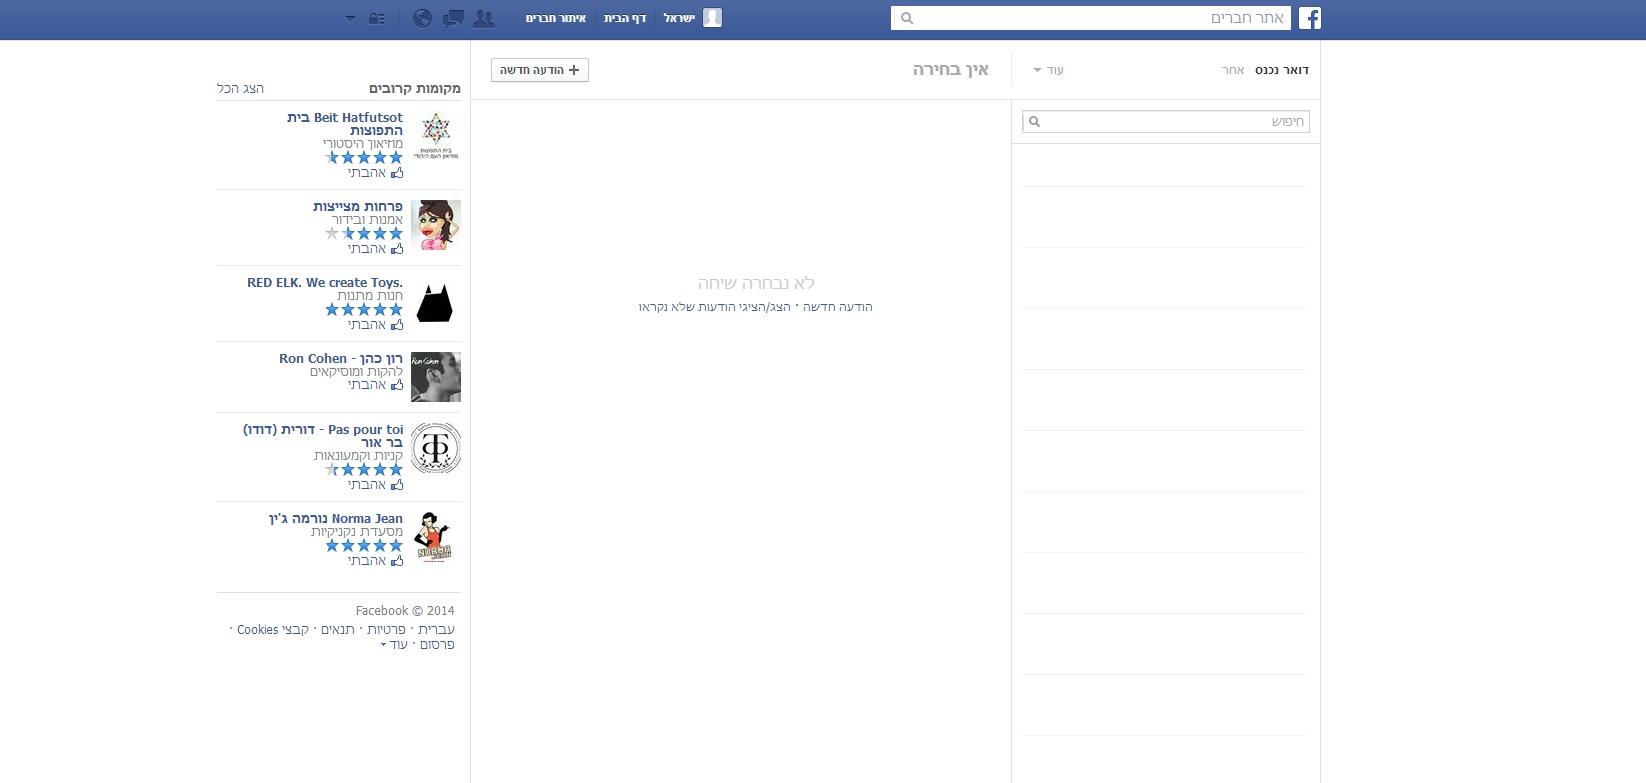 פייסבוק ו